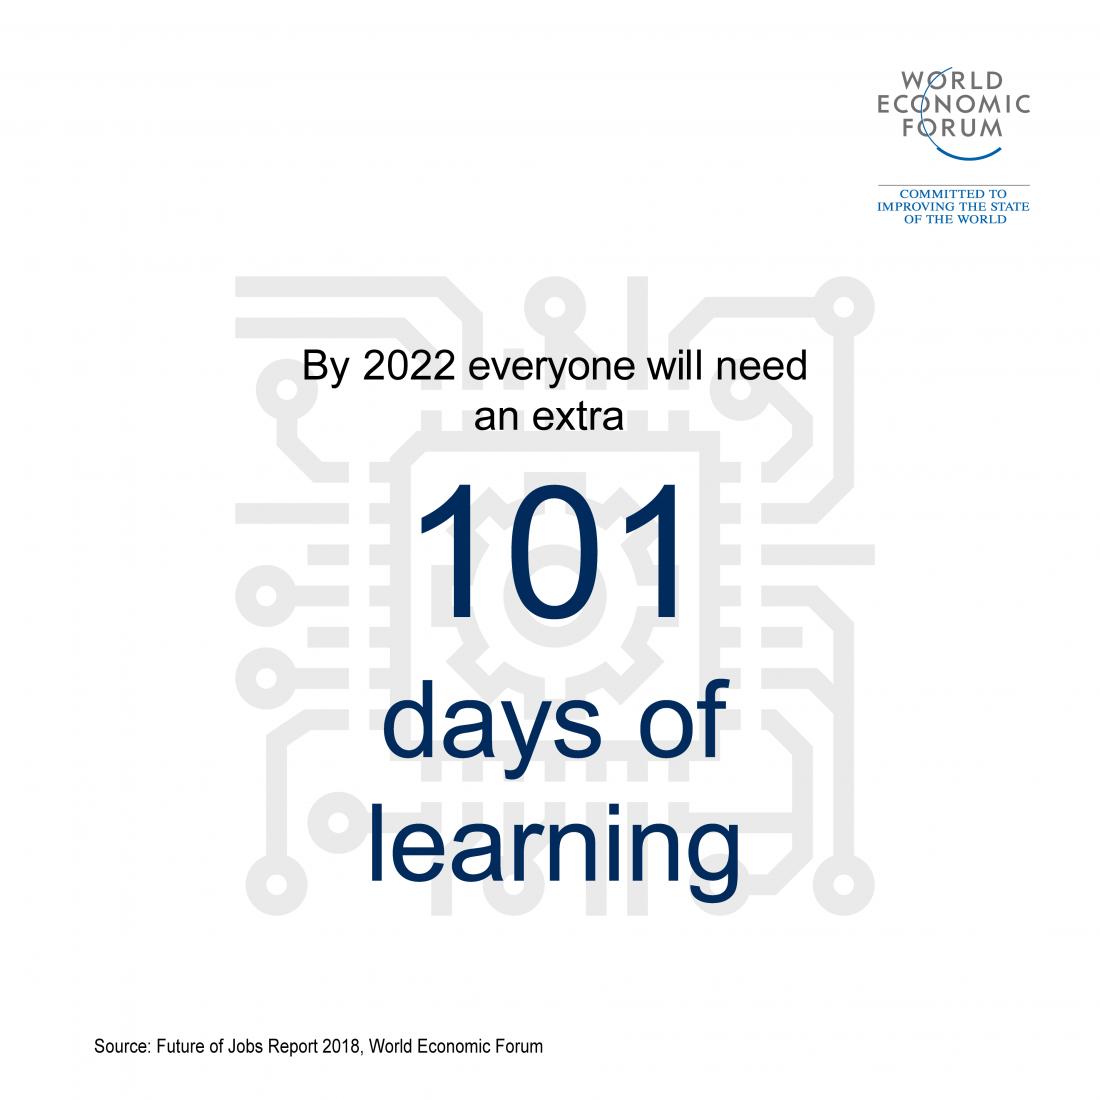 Le nombre de jours d'apprentissage supplémentaire requis